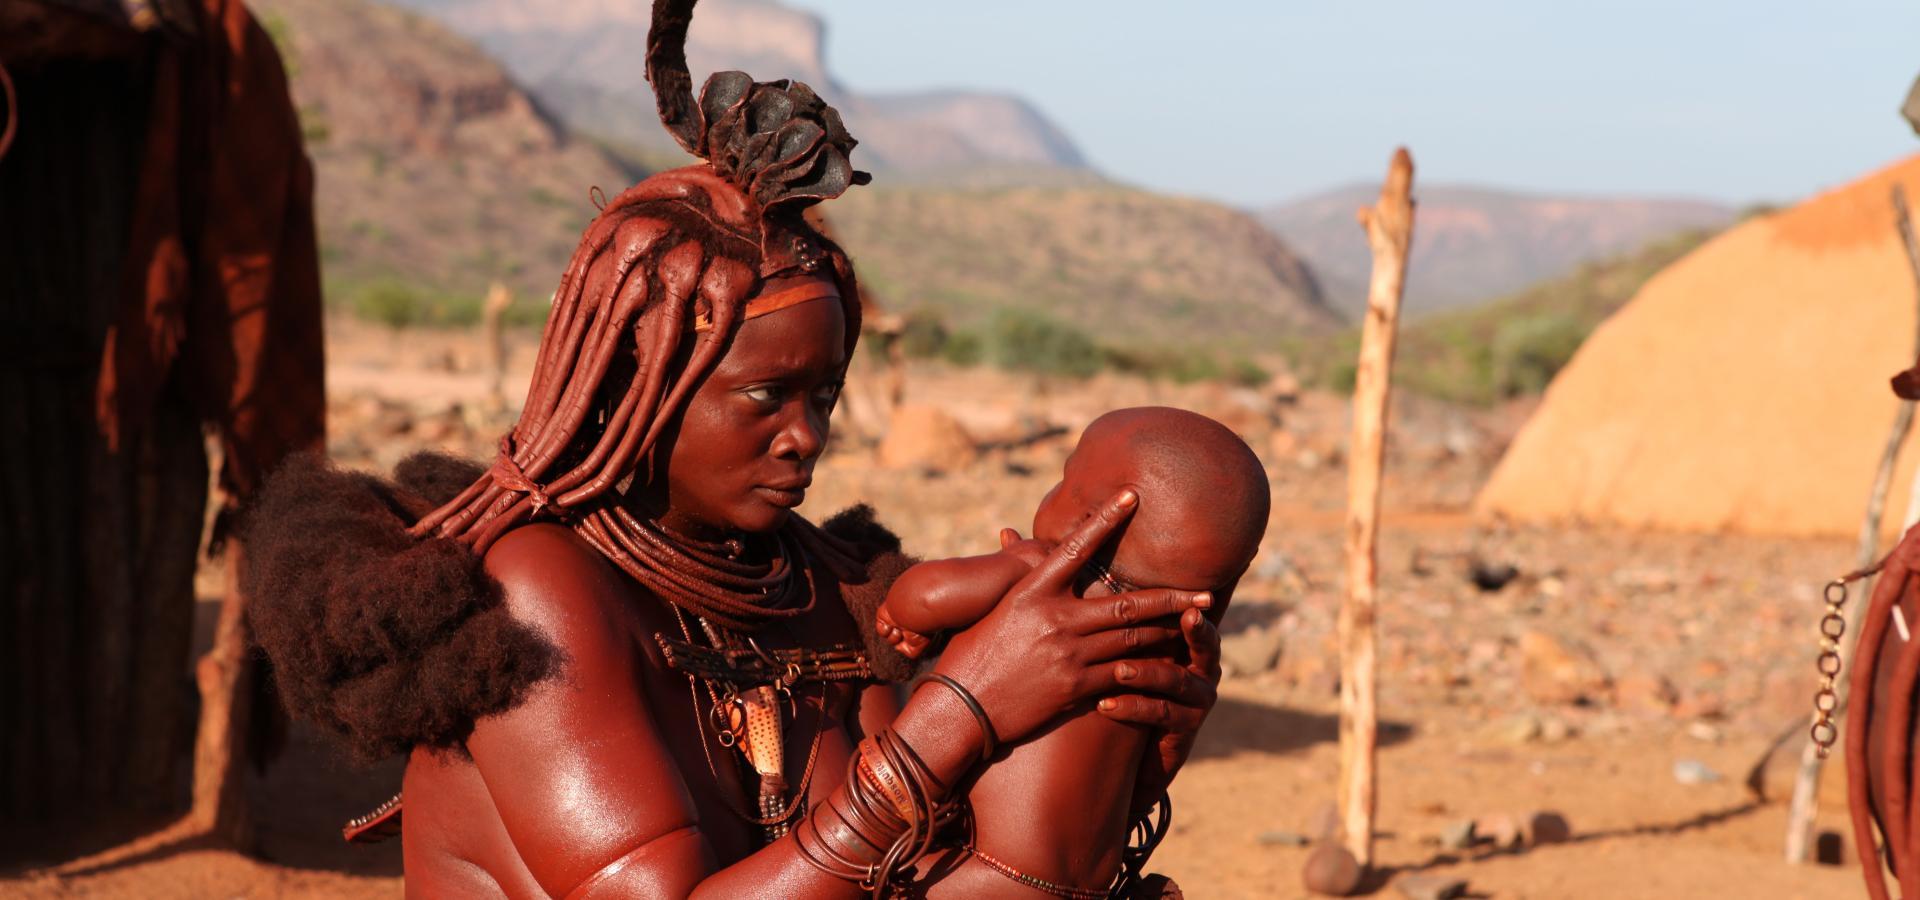 In der Region des Kaokovelds in Namibia haben Sie die Möglichkeit dem einzigartigen Nomadenstamm der Himba zu begegnen